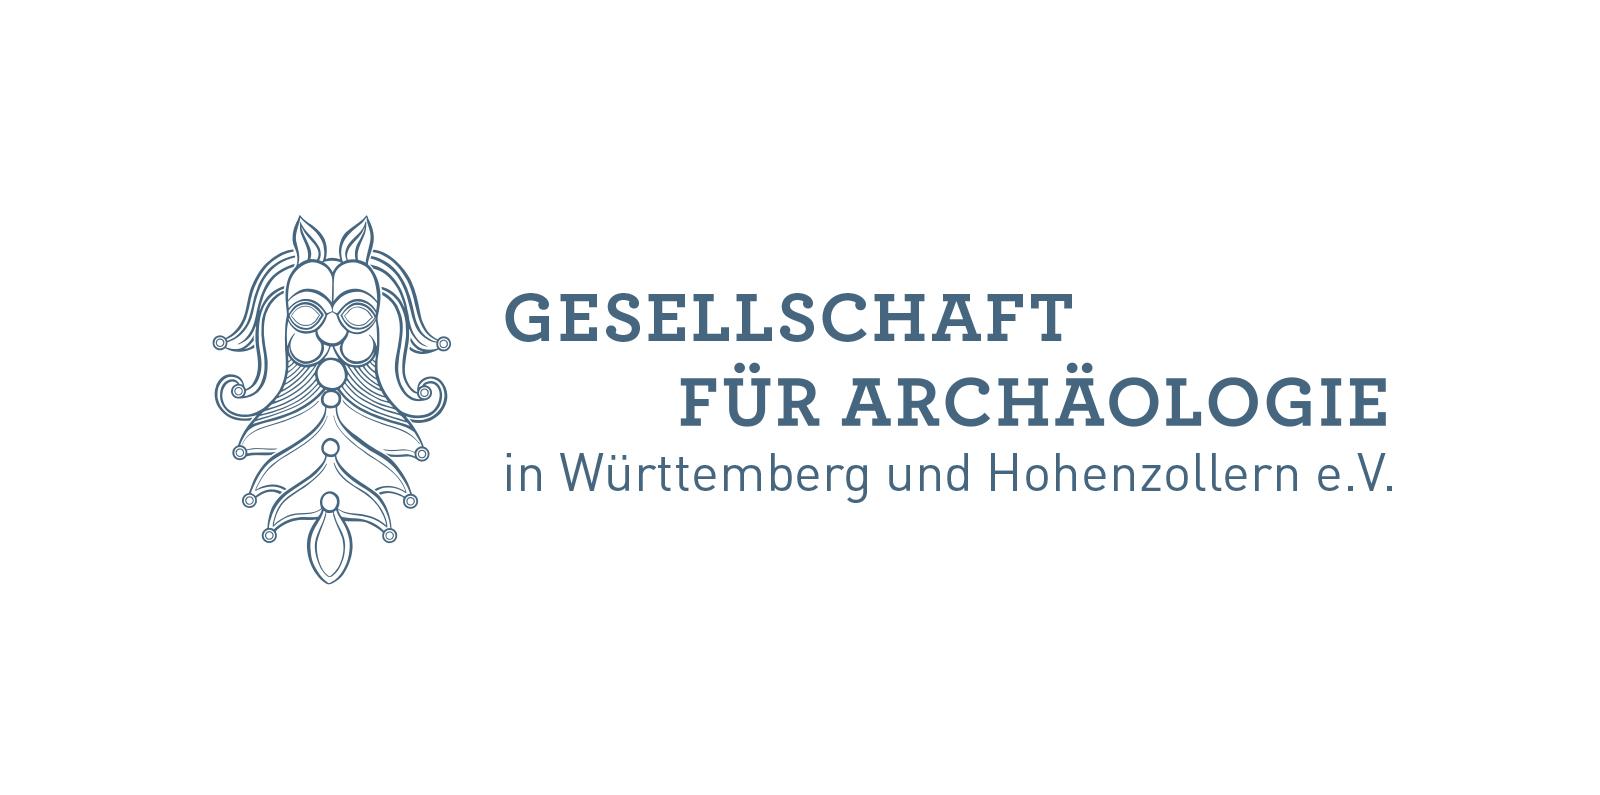 Gesellschaft für Archäologie